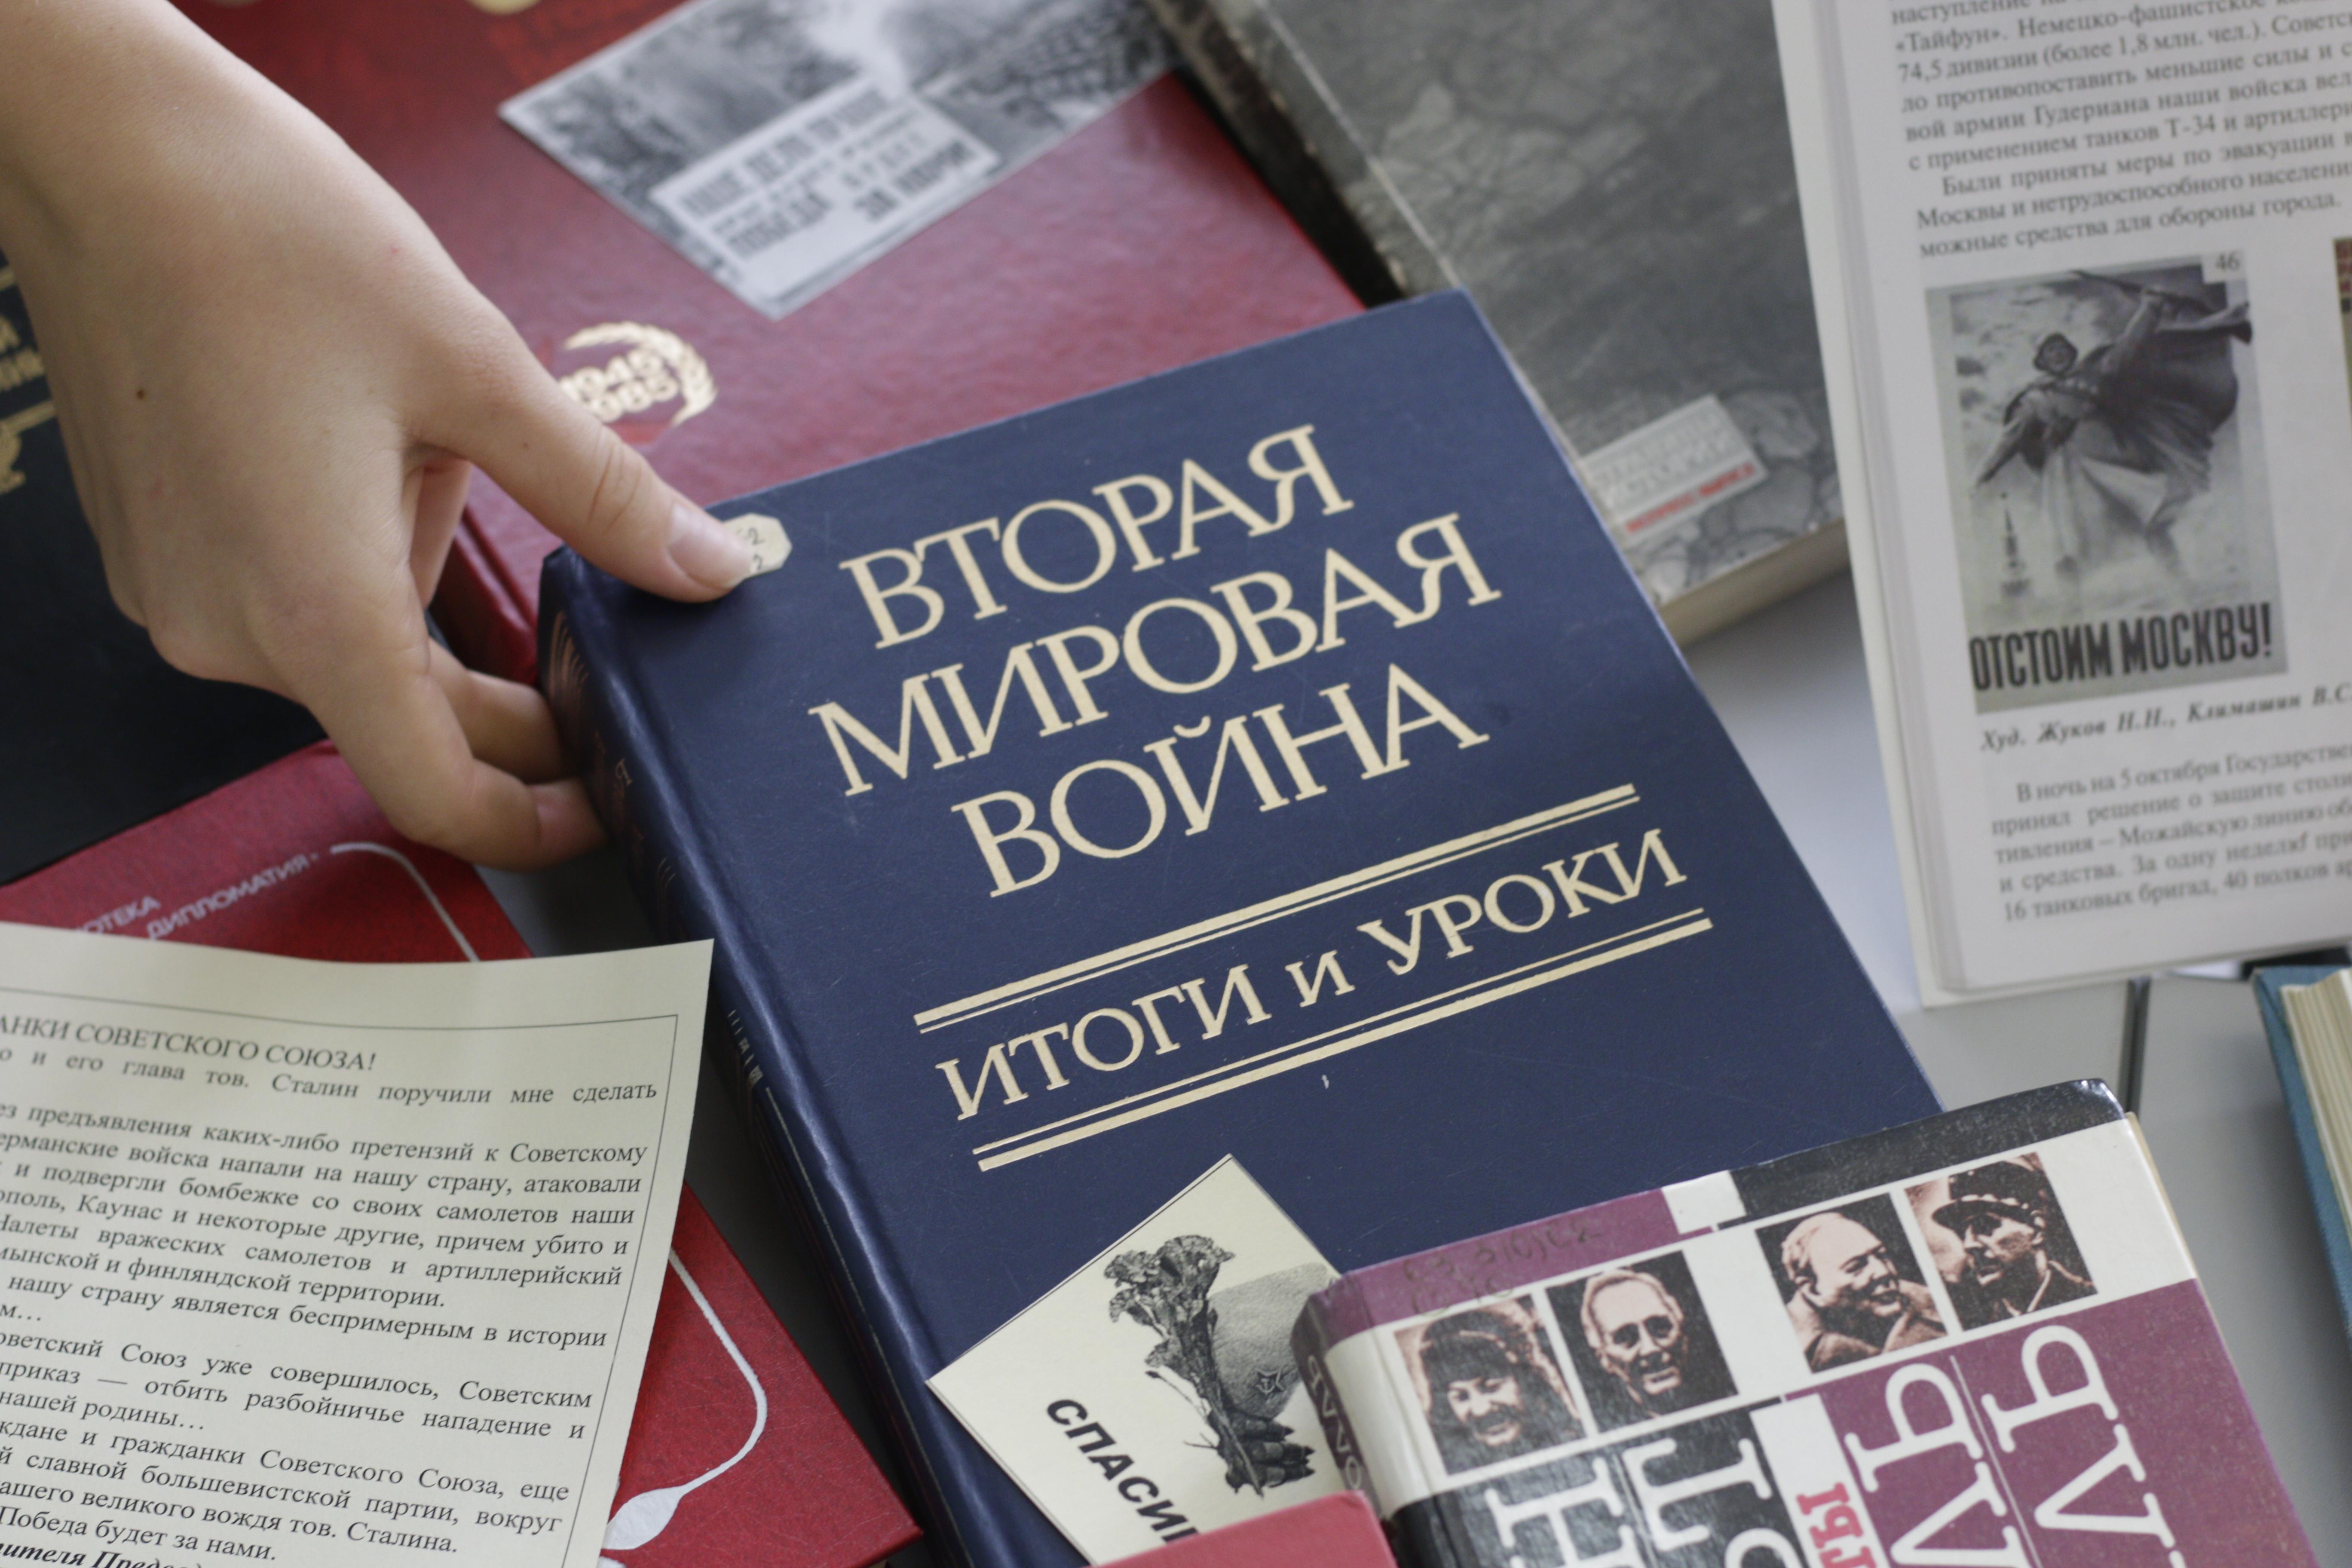 Три рассказа занимают 34 страницы